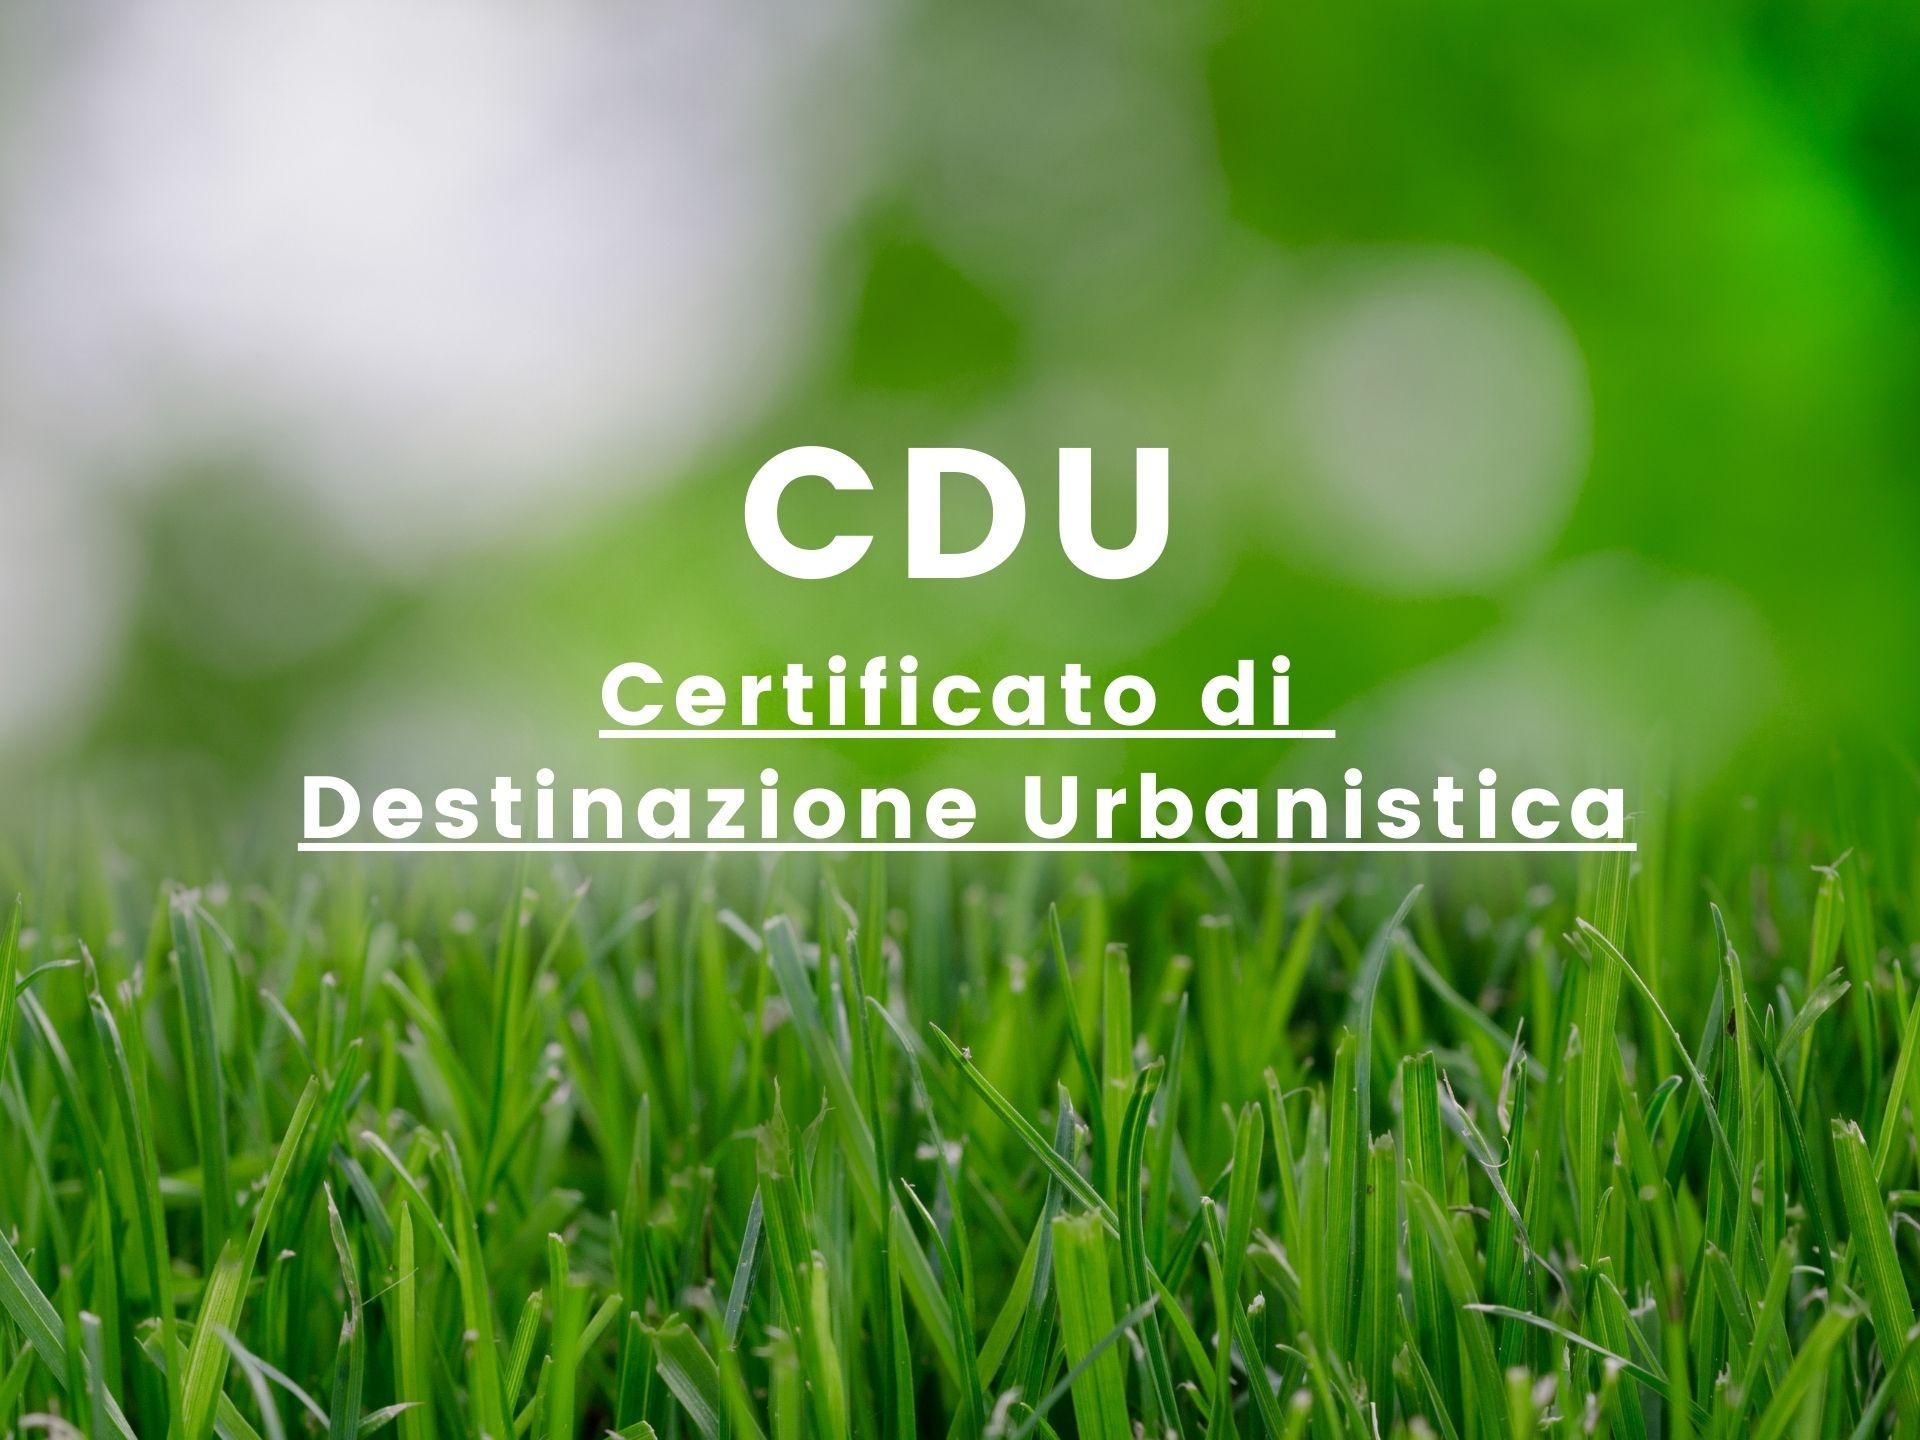 CDU certificato di destinazione urbanistica per vendere ville con terreno